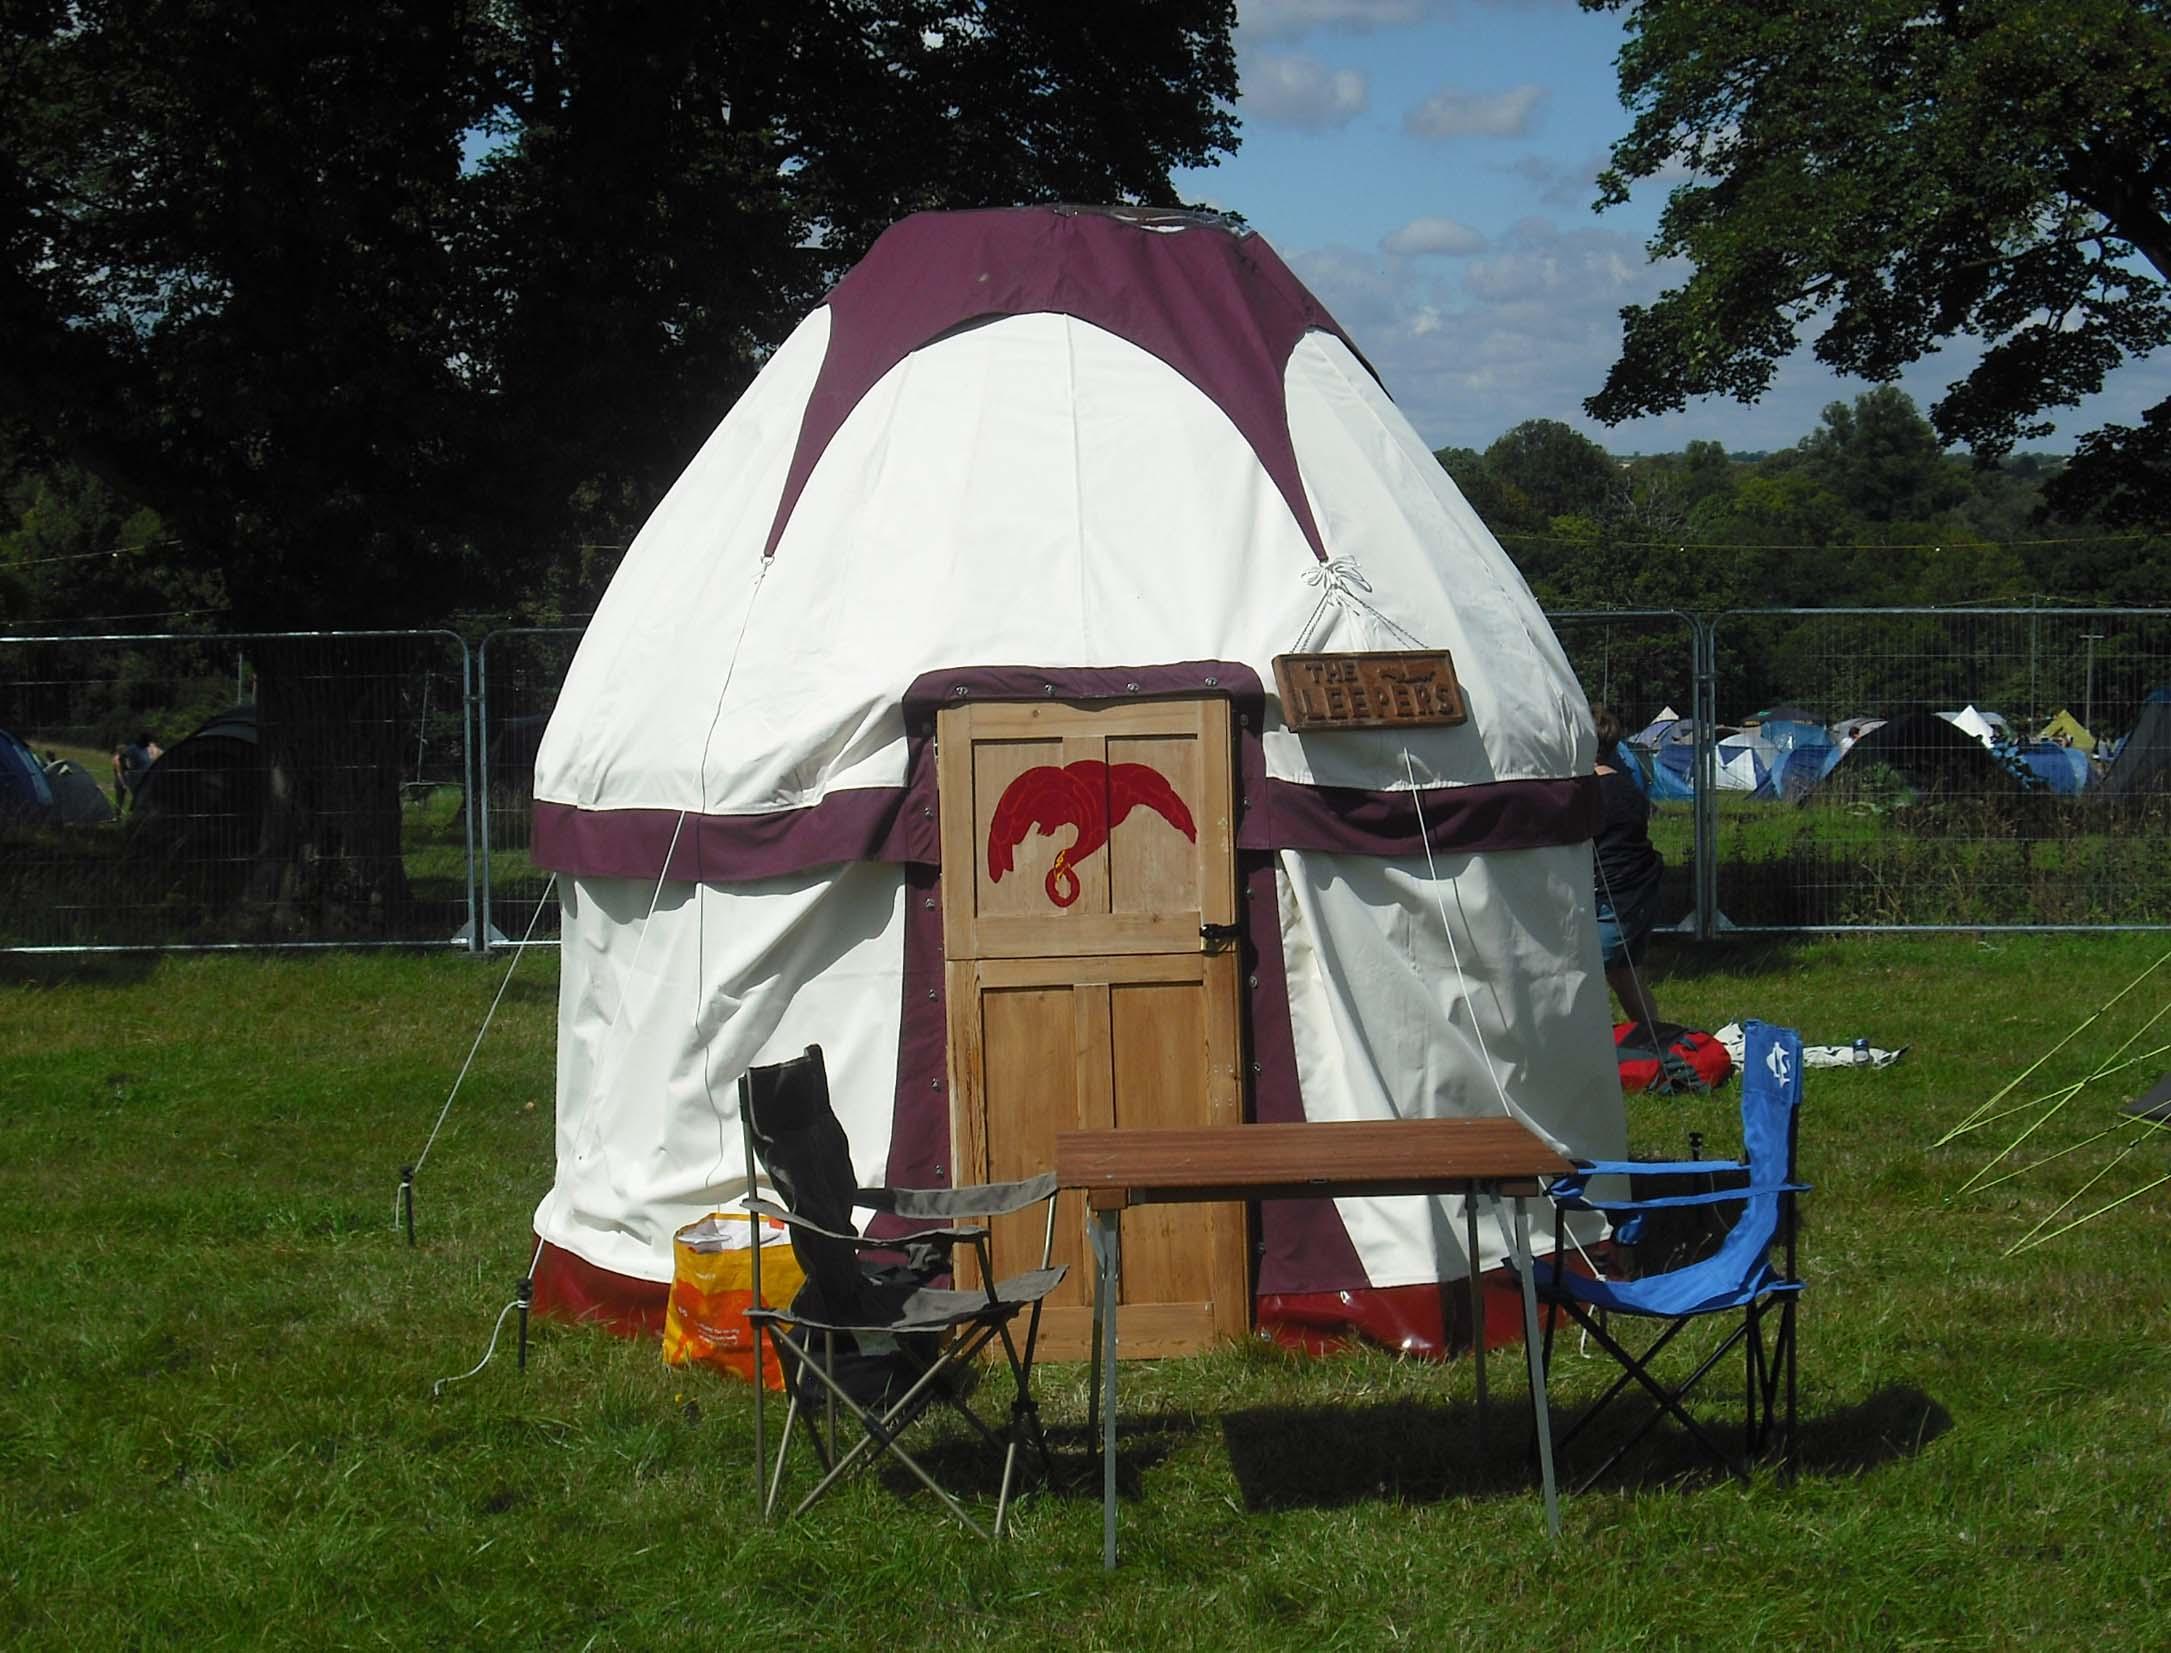 8' Hobbity Yurt (Elaine's frame)